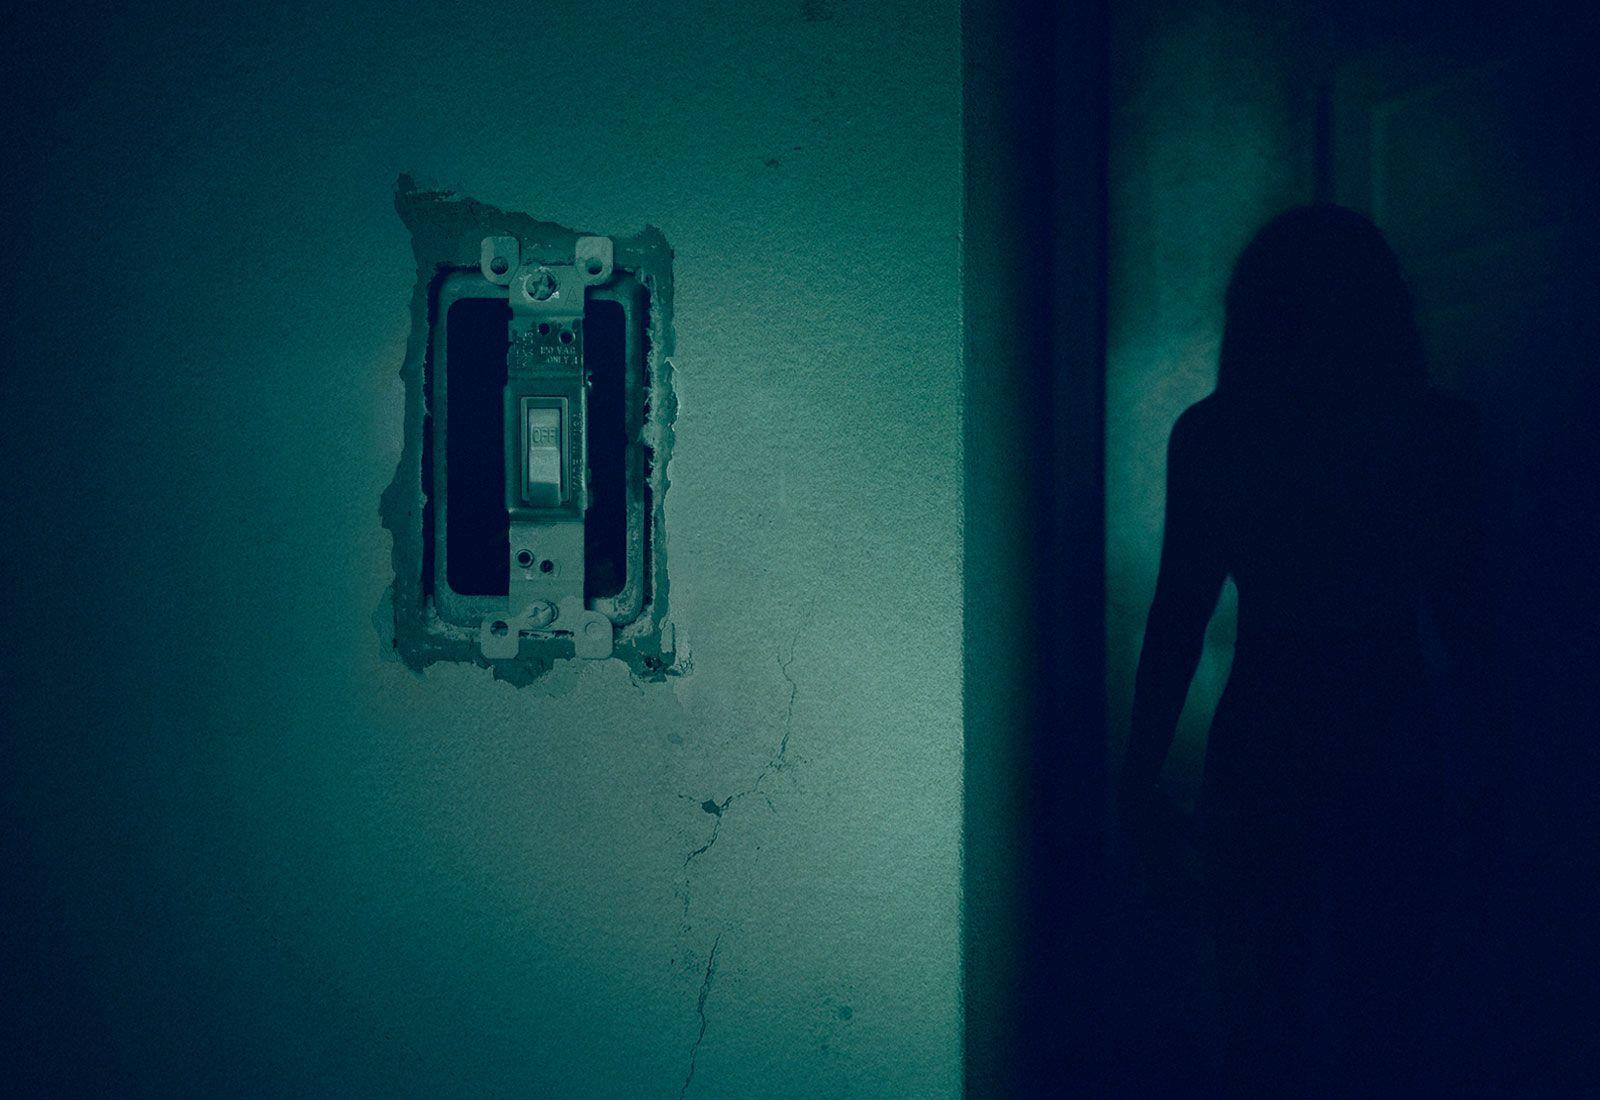 กลัวความมืดไหม Light out หนังที่ทำให้คุณกลัวมากกว่าเดิม!